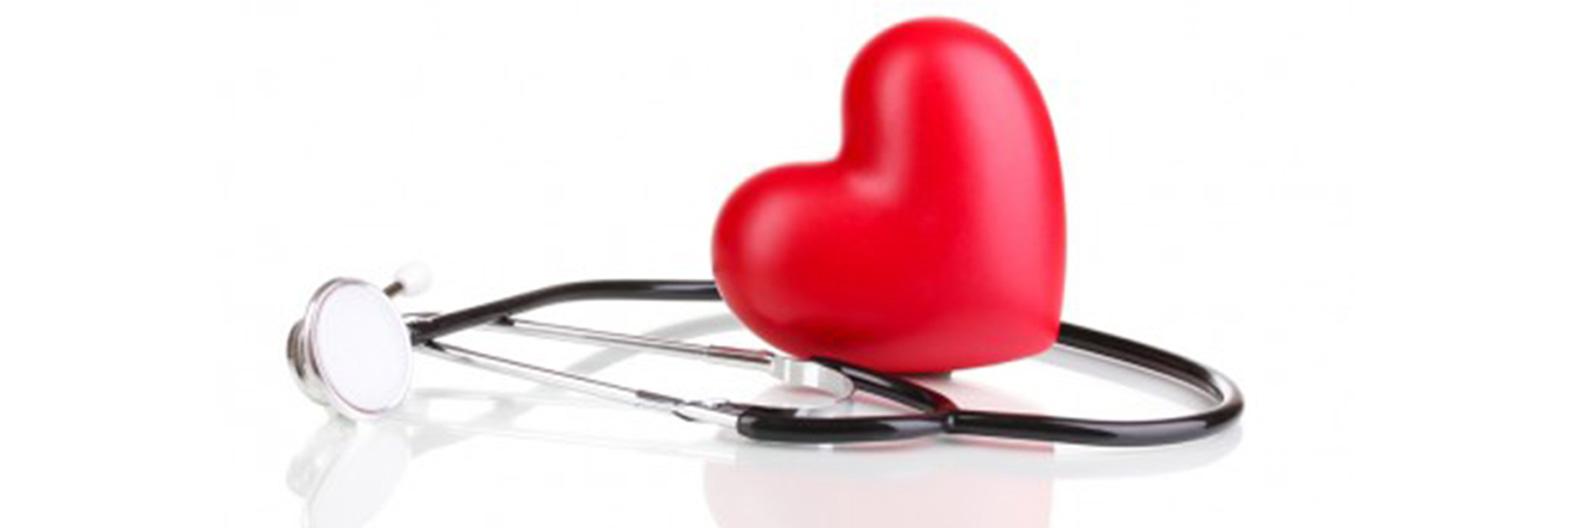 kompleksinė hipertenzija kas tai yra sergant hipertenzija, galite gauti neįgaliųjų grupę